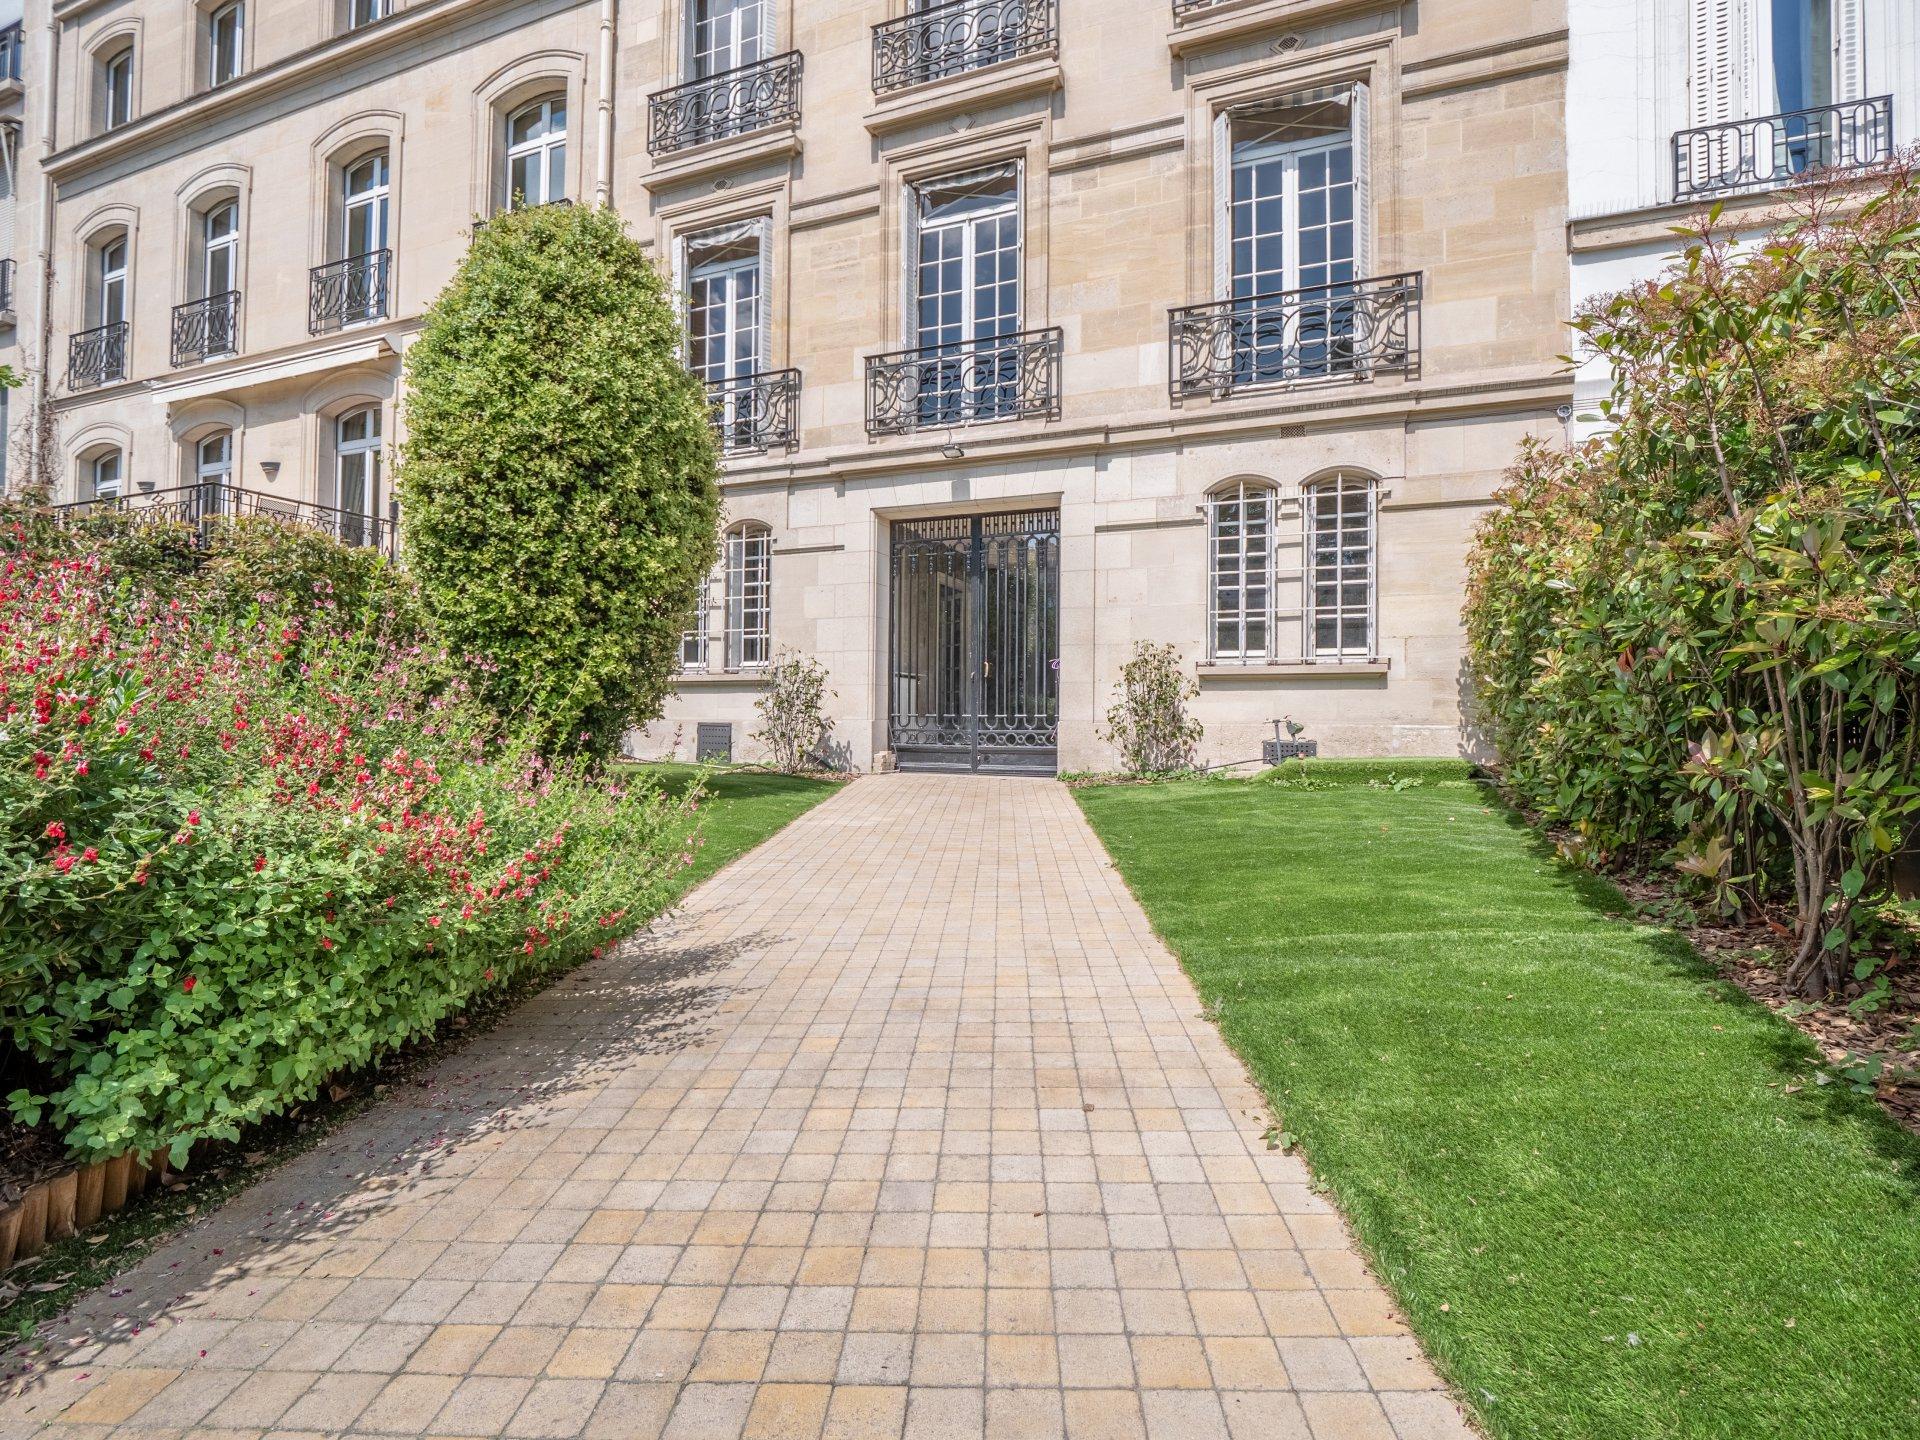 Hôtel Particulier - Paris - 75016 - Arc de triomphe